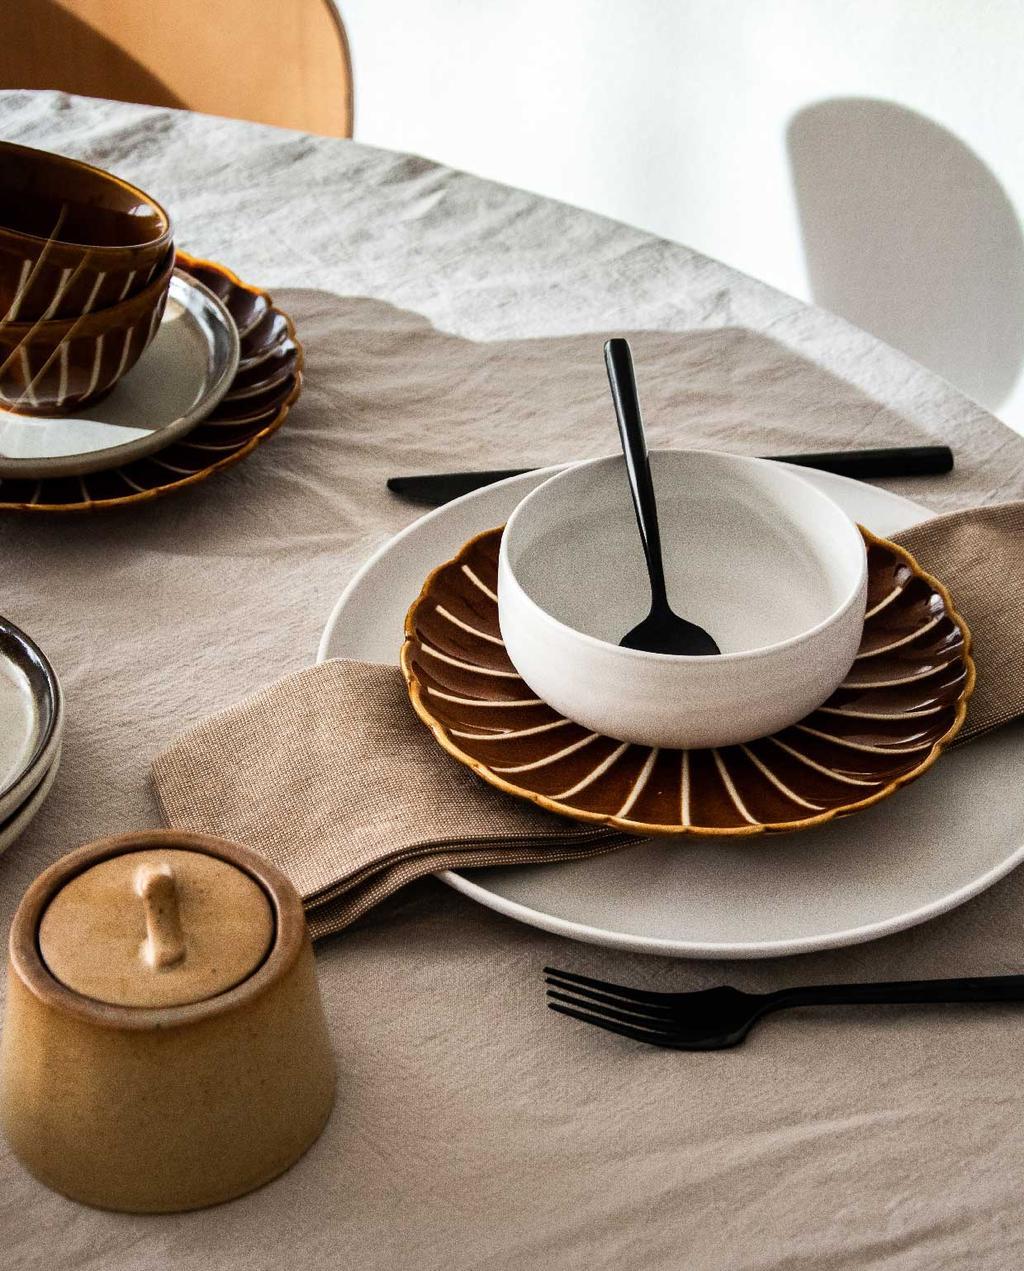 vtwonen blog rachel terpstra | liefde voor keramiek witte mok